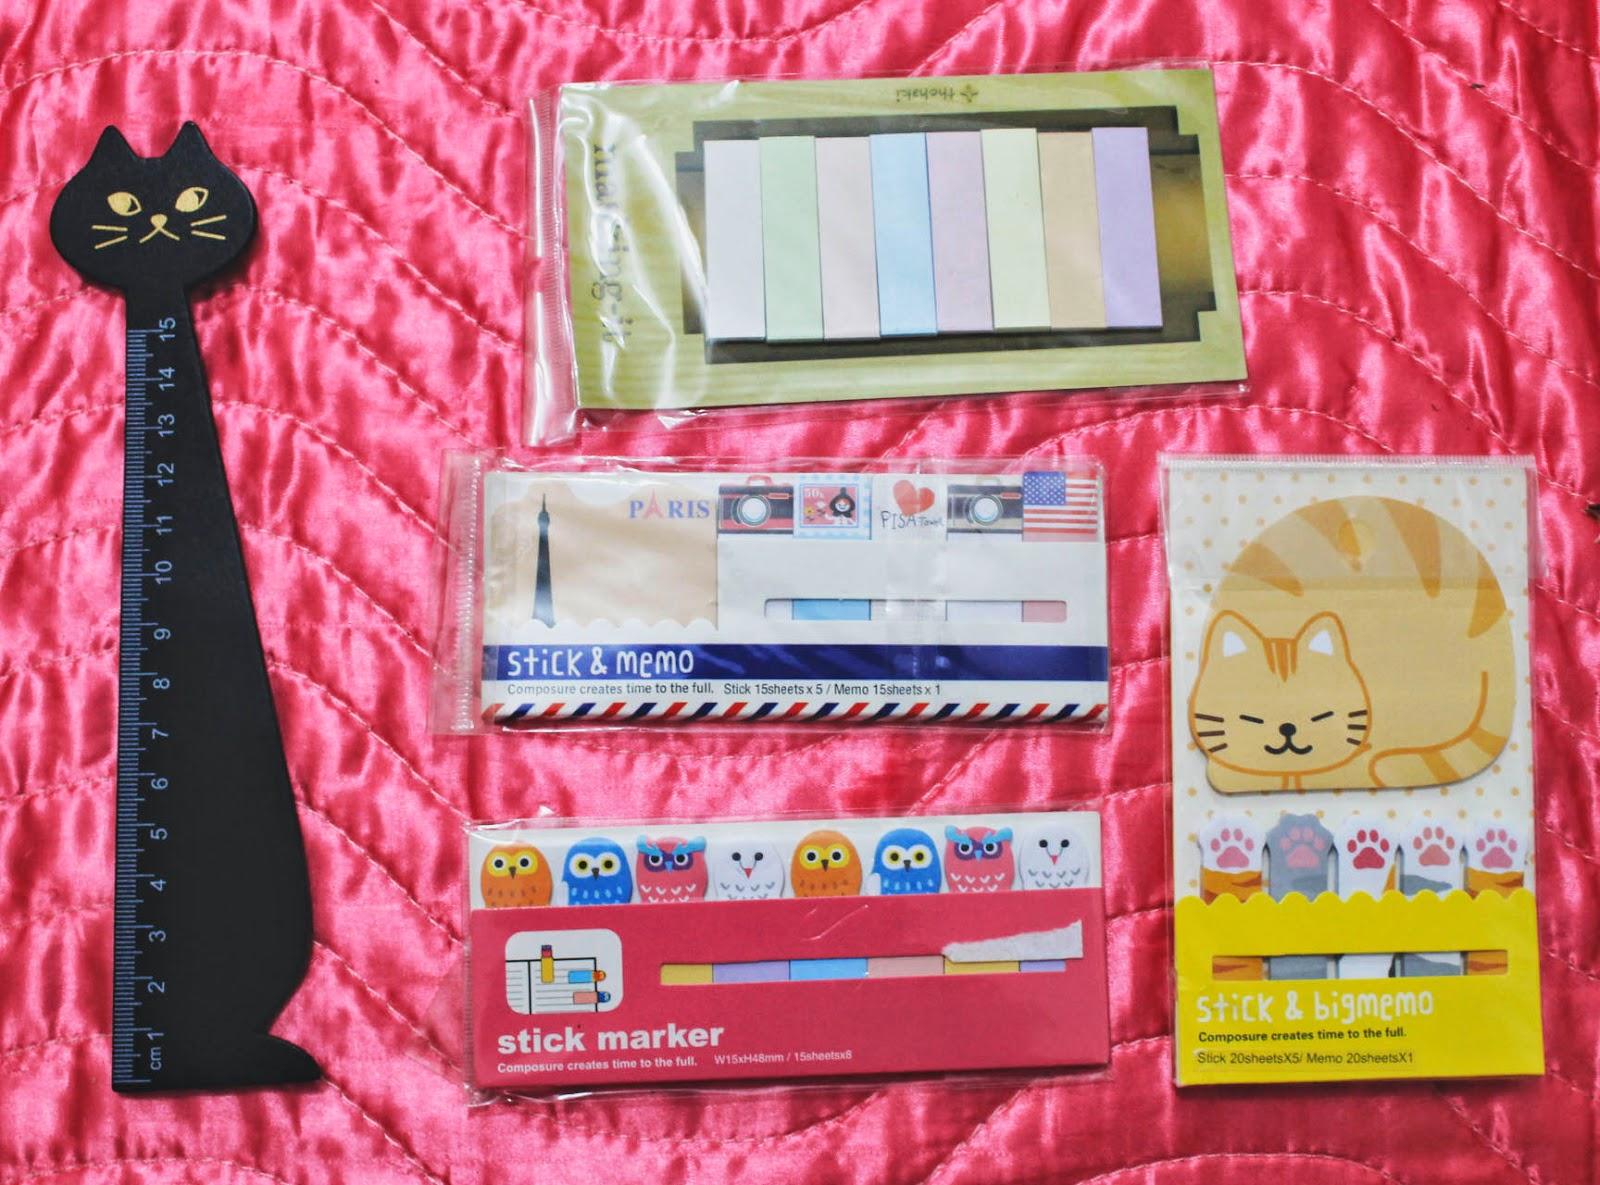 ebay é confiável?, comprei no ebay, comprinhas de papelaria online, onde comprar coisas fofas online, onde comprar coisas de papelaria, comprinhas de papelaria baratas, post-its, régua de gatinho